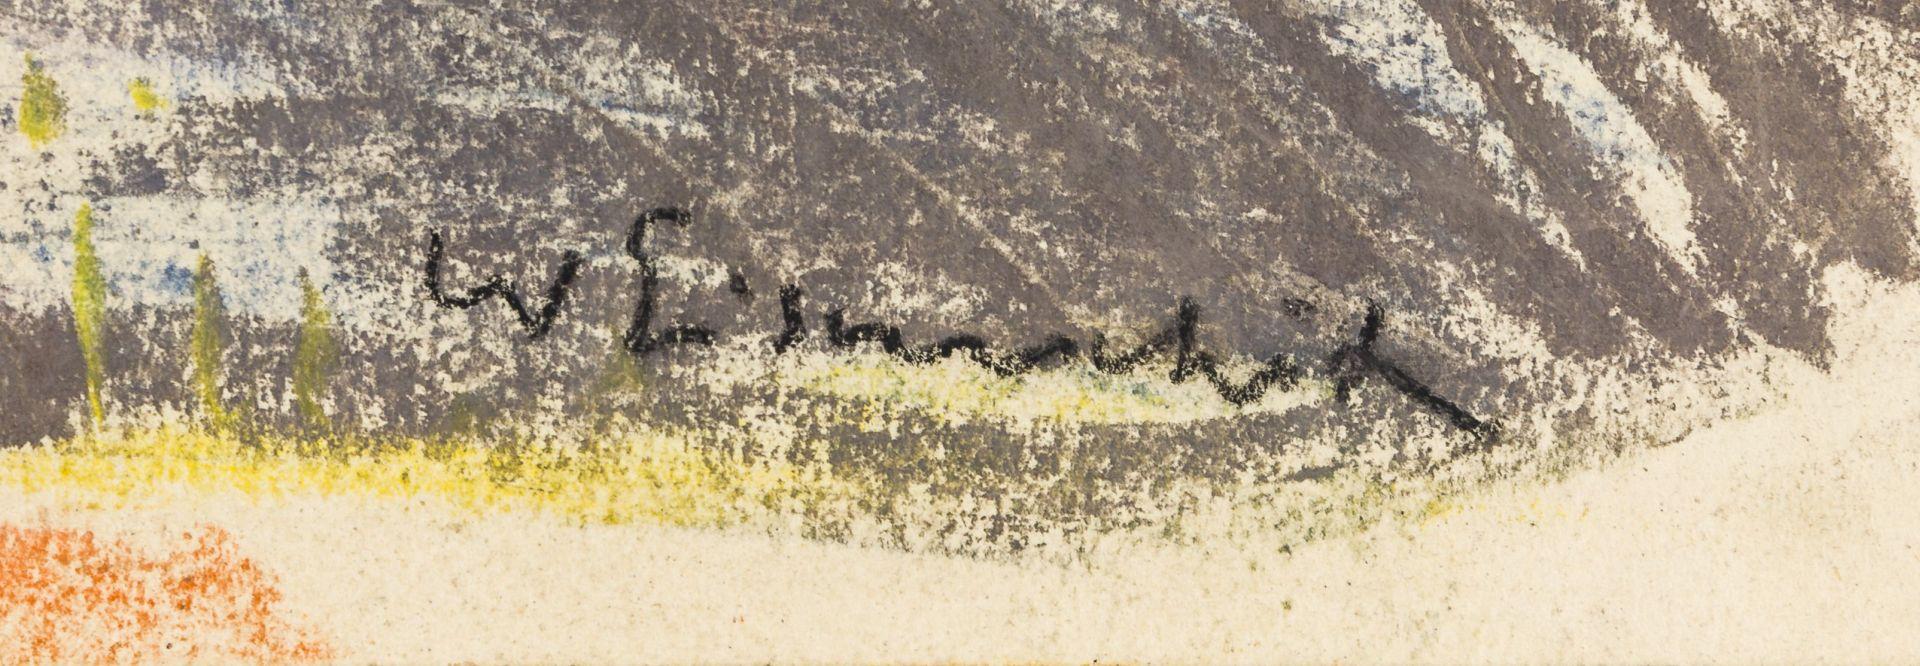 Eisenschitz Willy-Wide Landscape